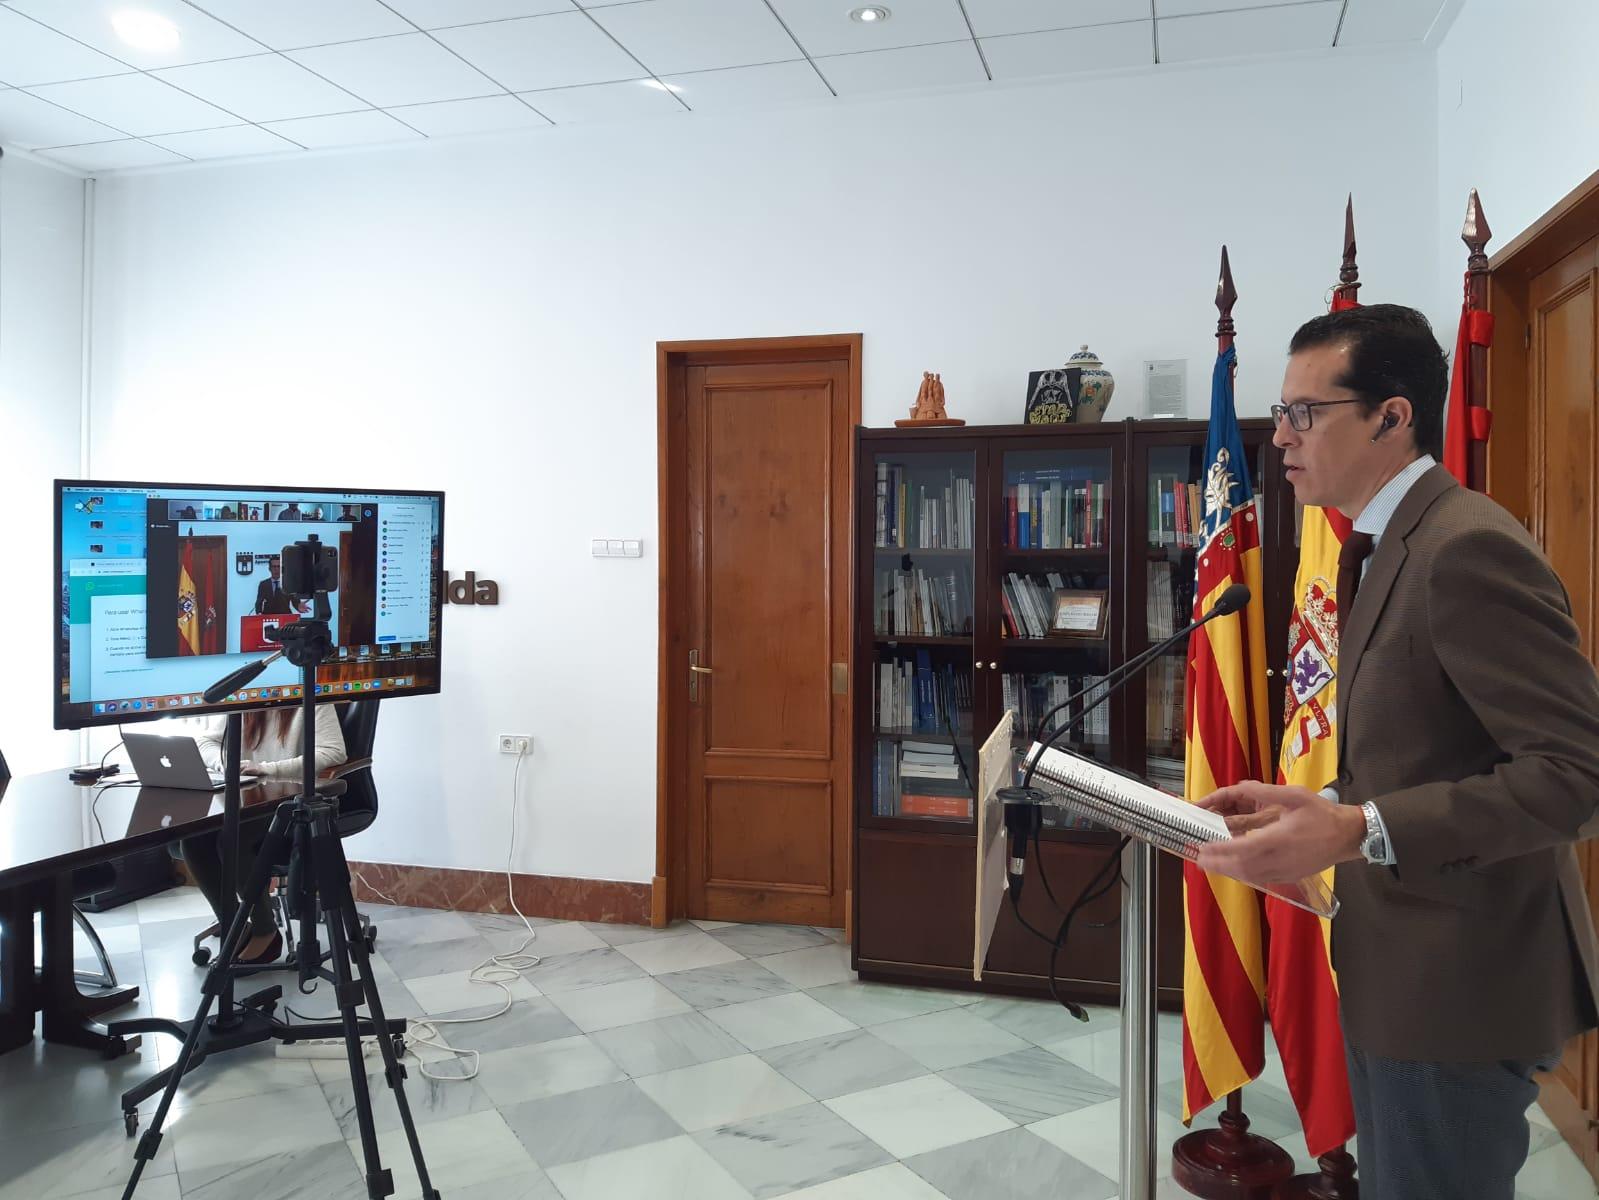 El Ayuntamiento de Elda amplía en 100.000 euros el convenio con Cruz Roja para atender a las familias afectadas por la crisis del coronavirus